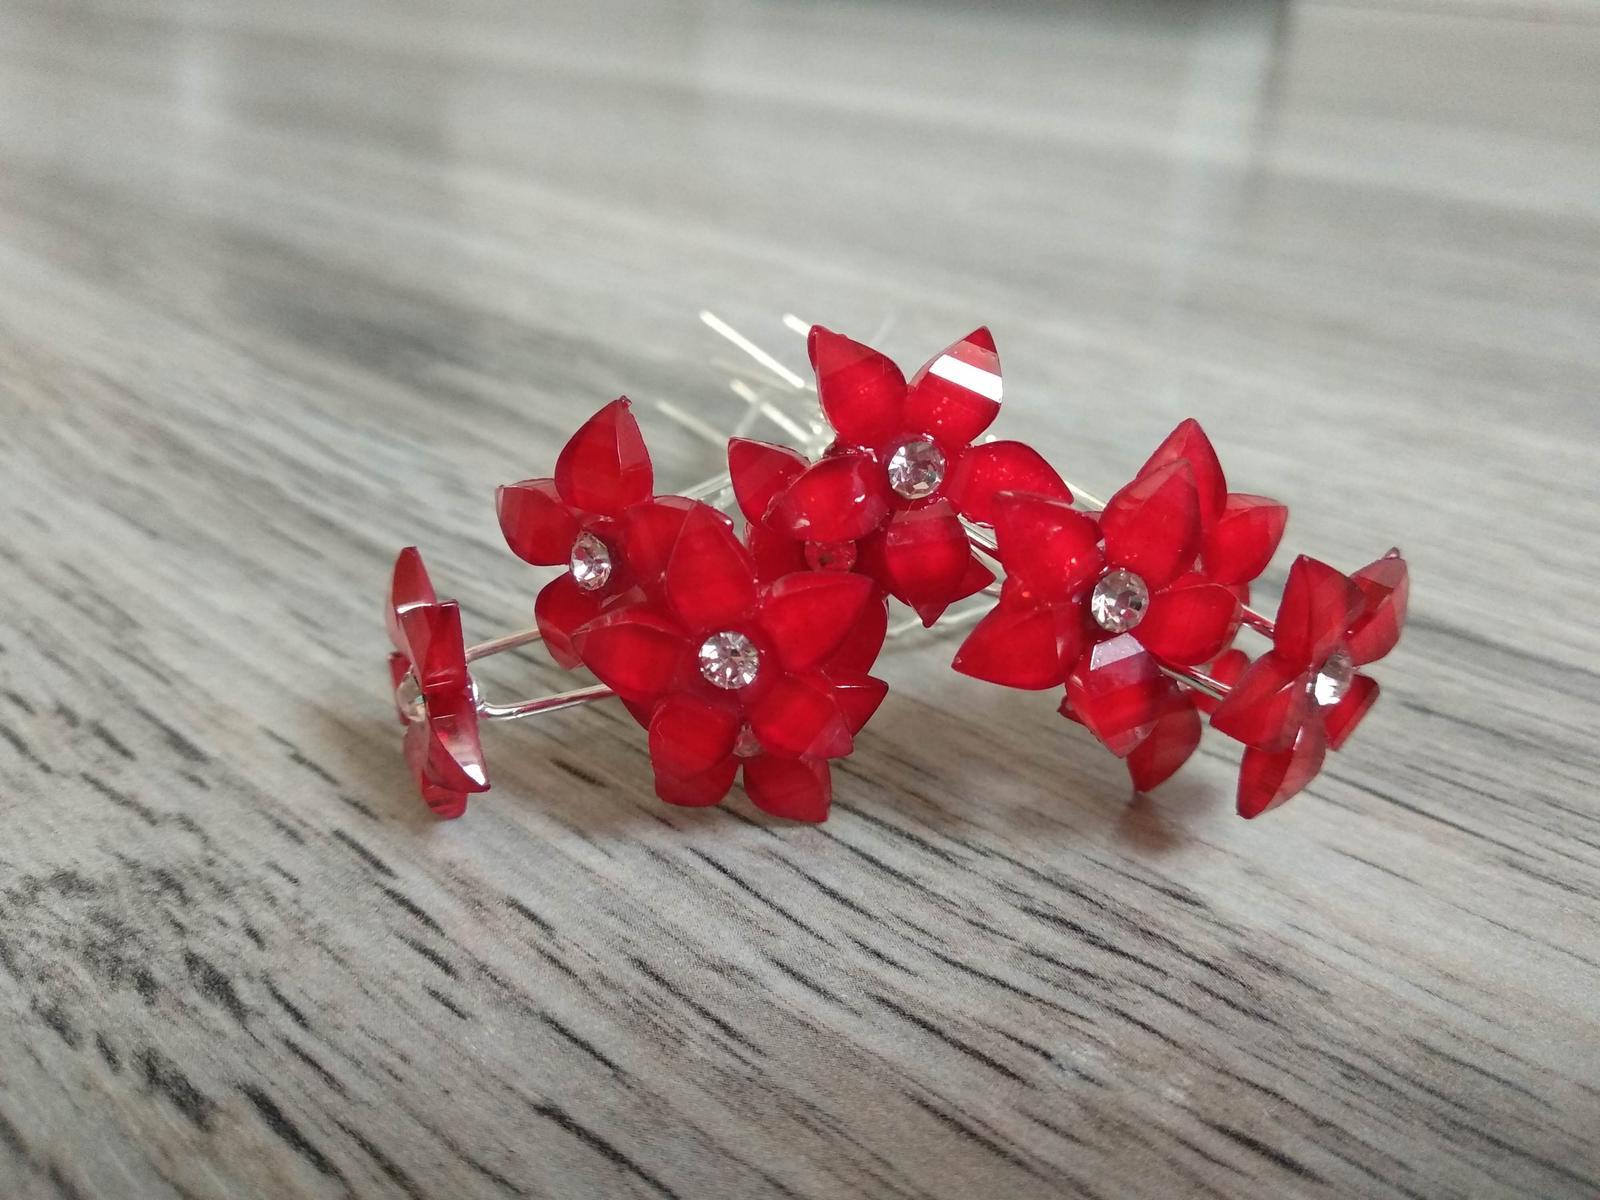 Červené květy do vlasů, 10 ks - Obrázek č. 1